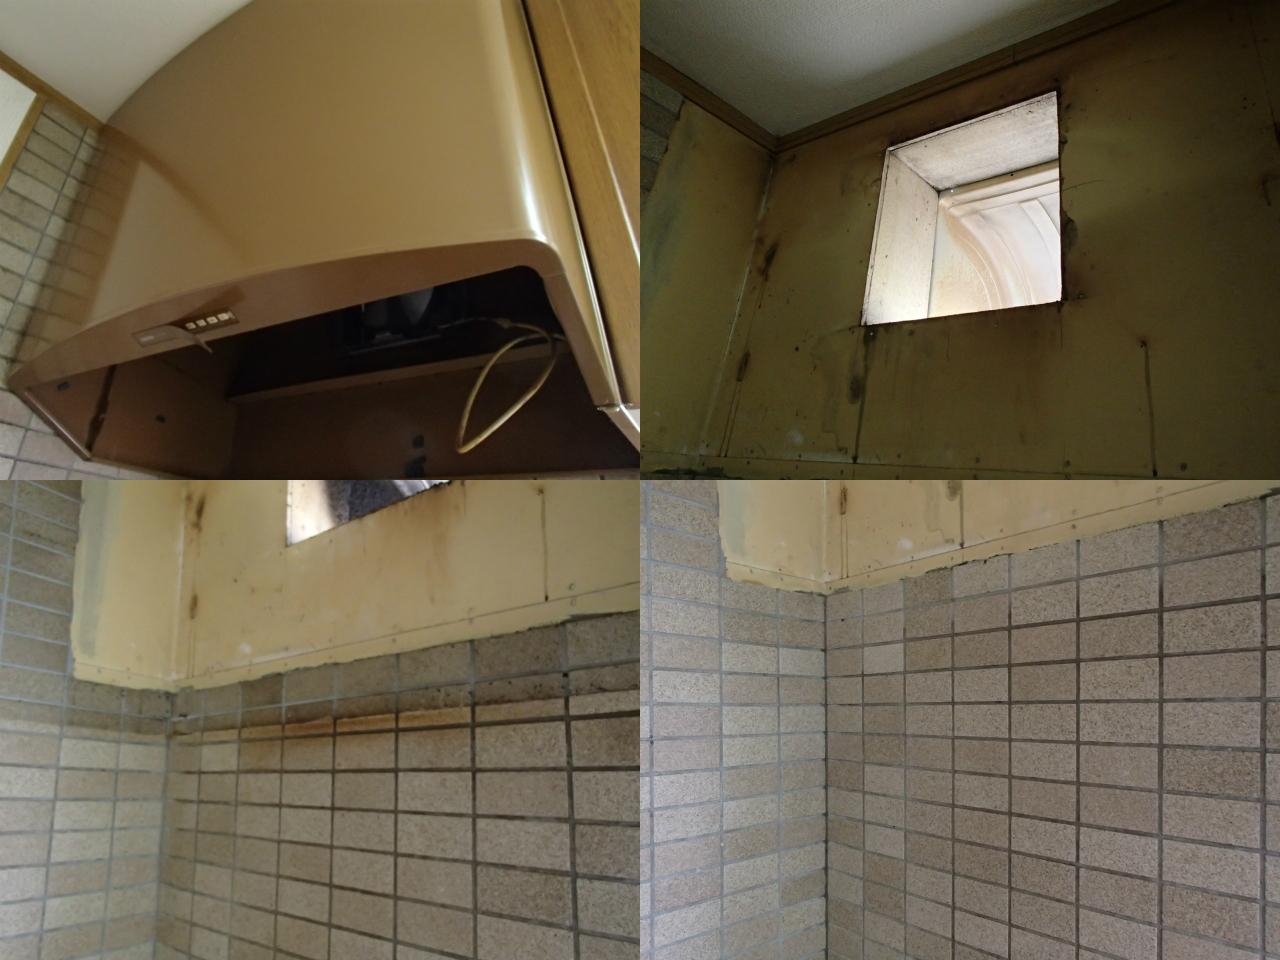 http://ajras.net/images/130307-hood1.jpg